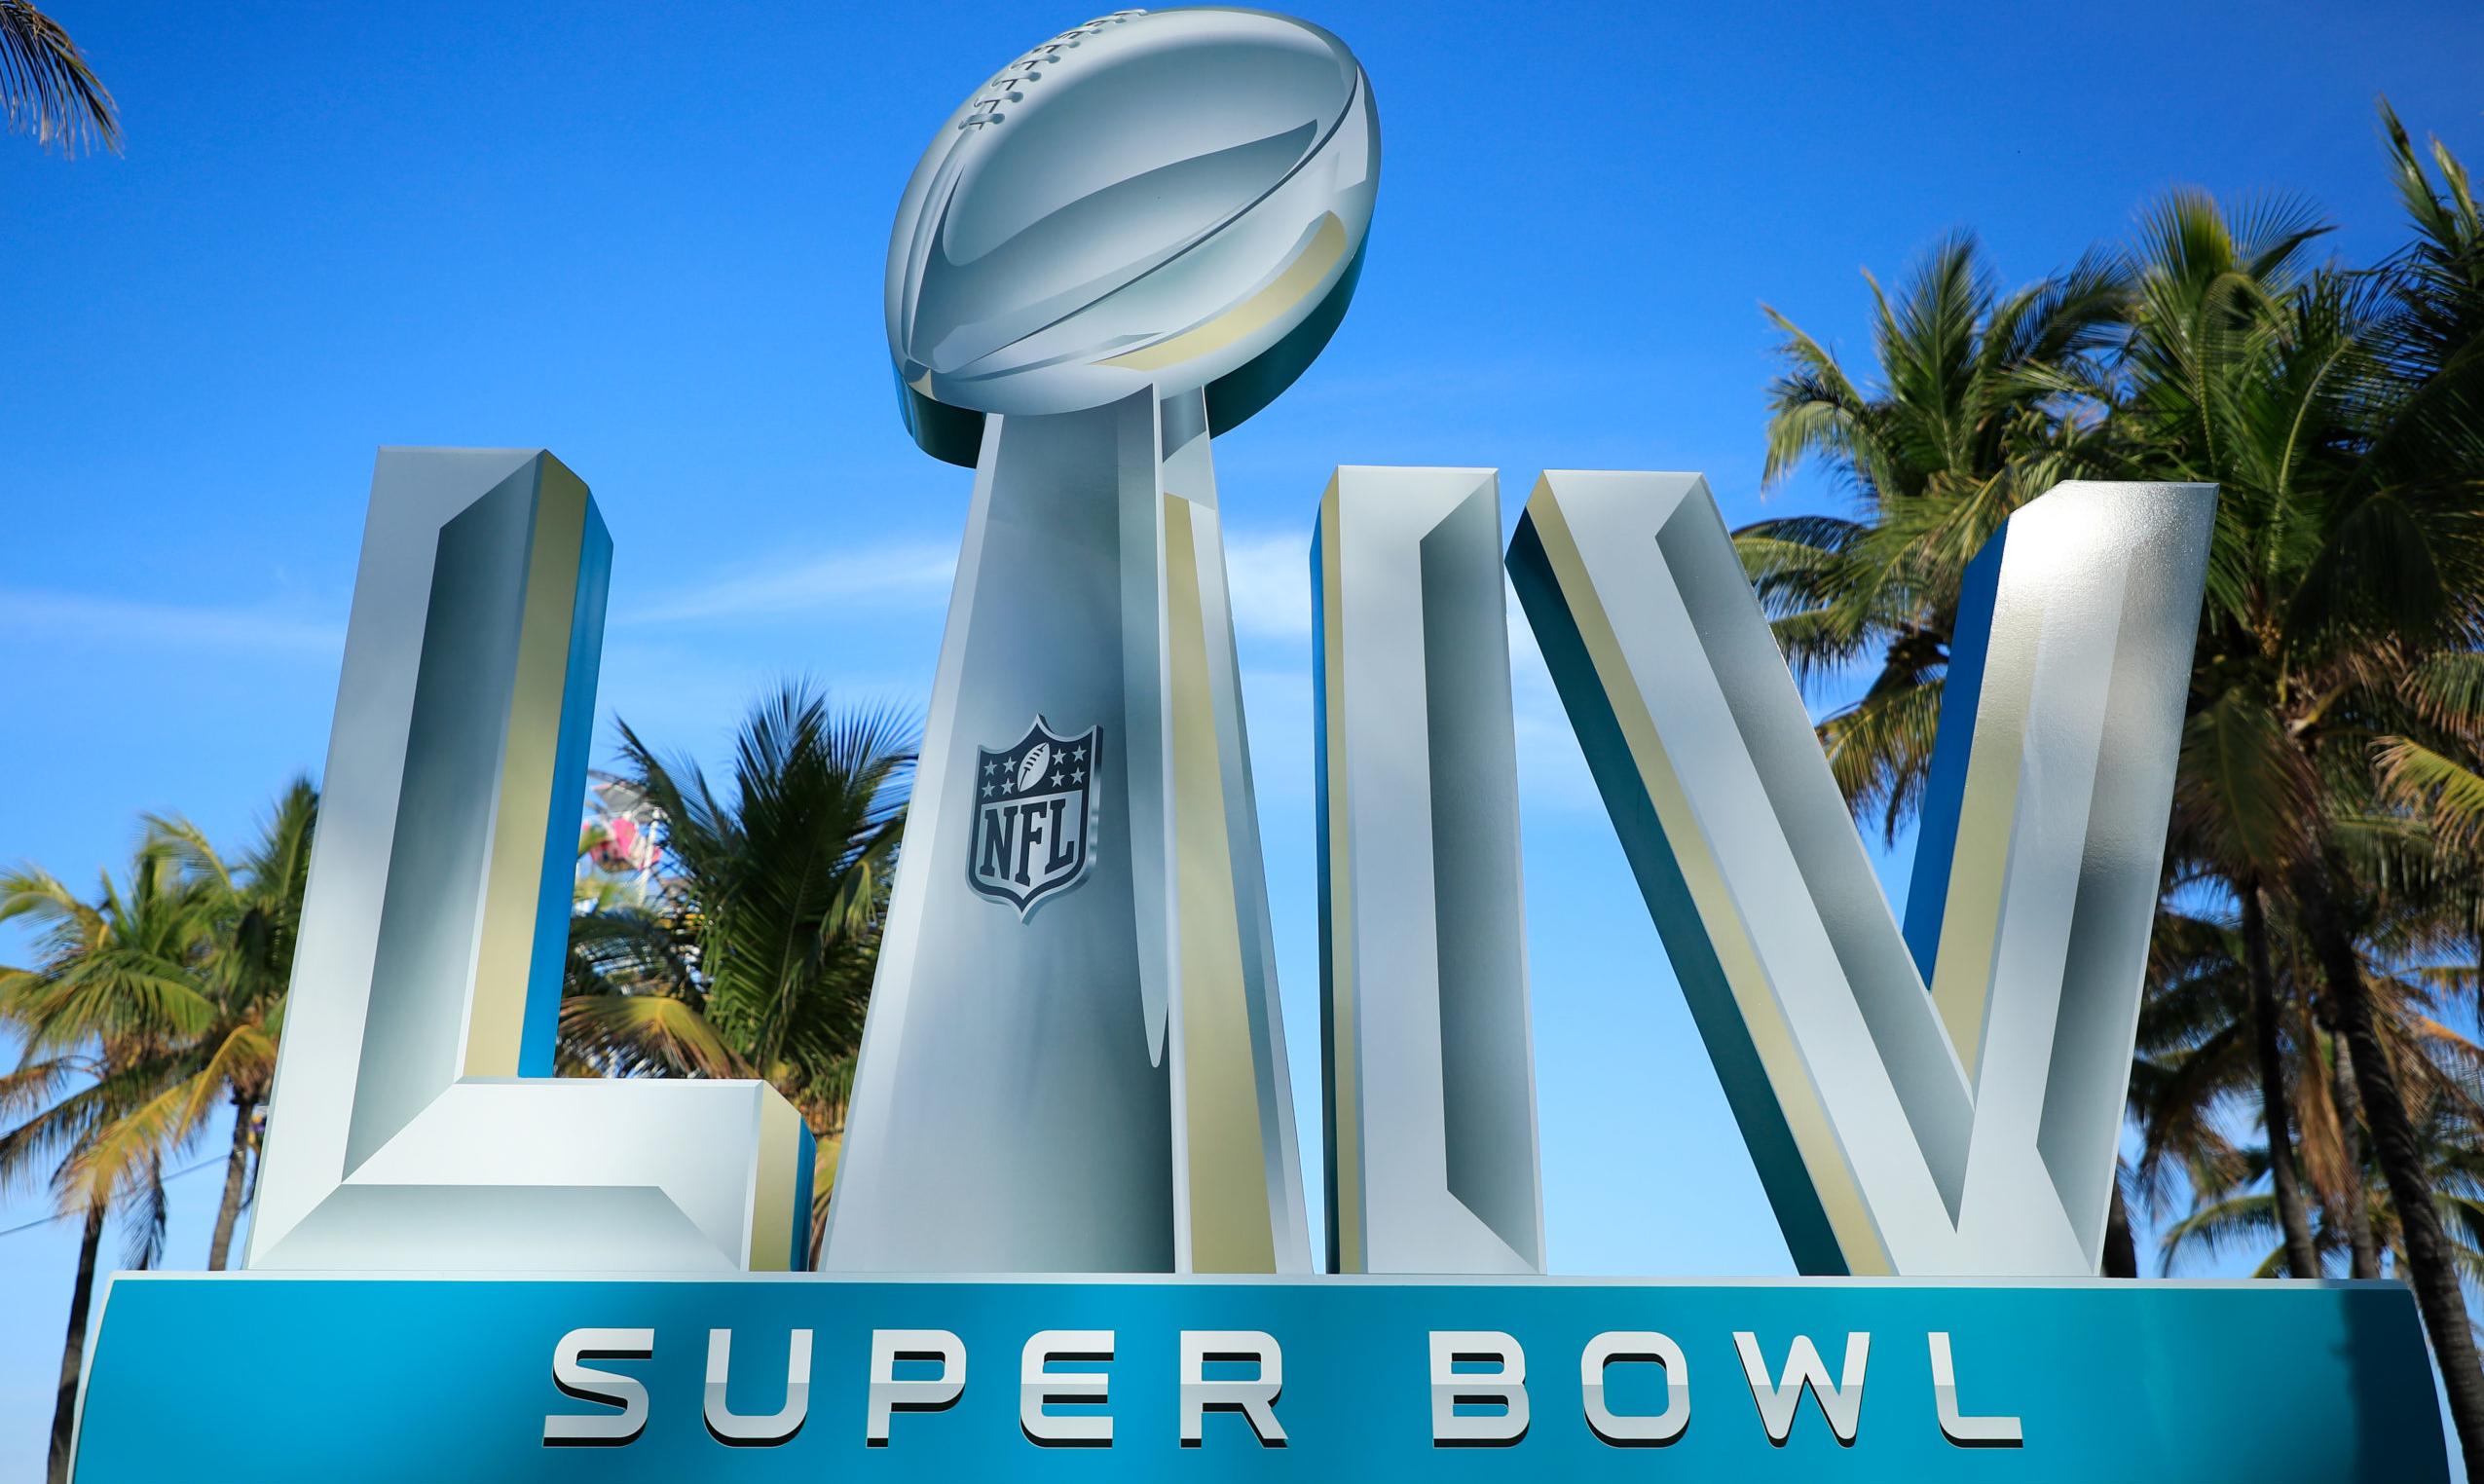 Super Bowl LIV: pronostico, quote e tutto quello che c'è da sapere sull'evento che ferma l'America